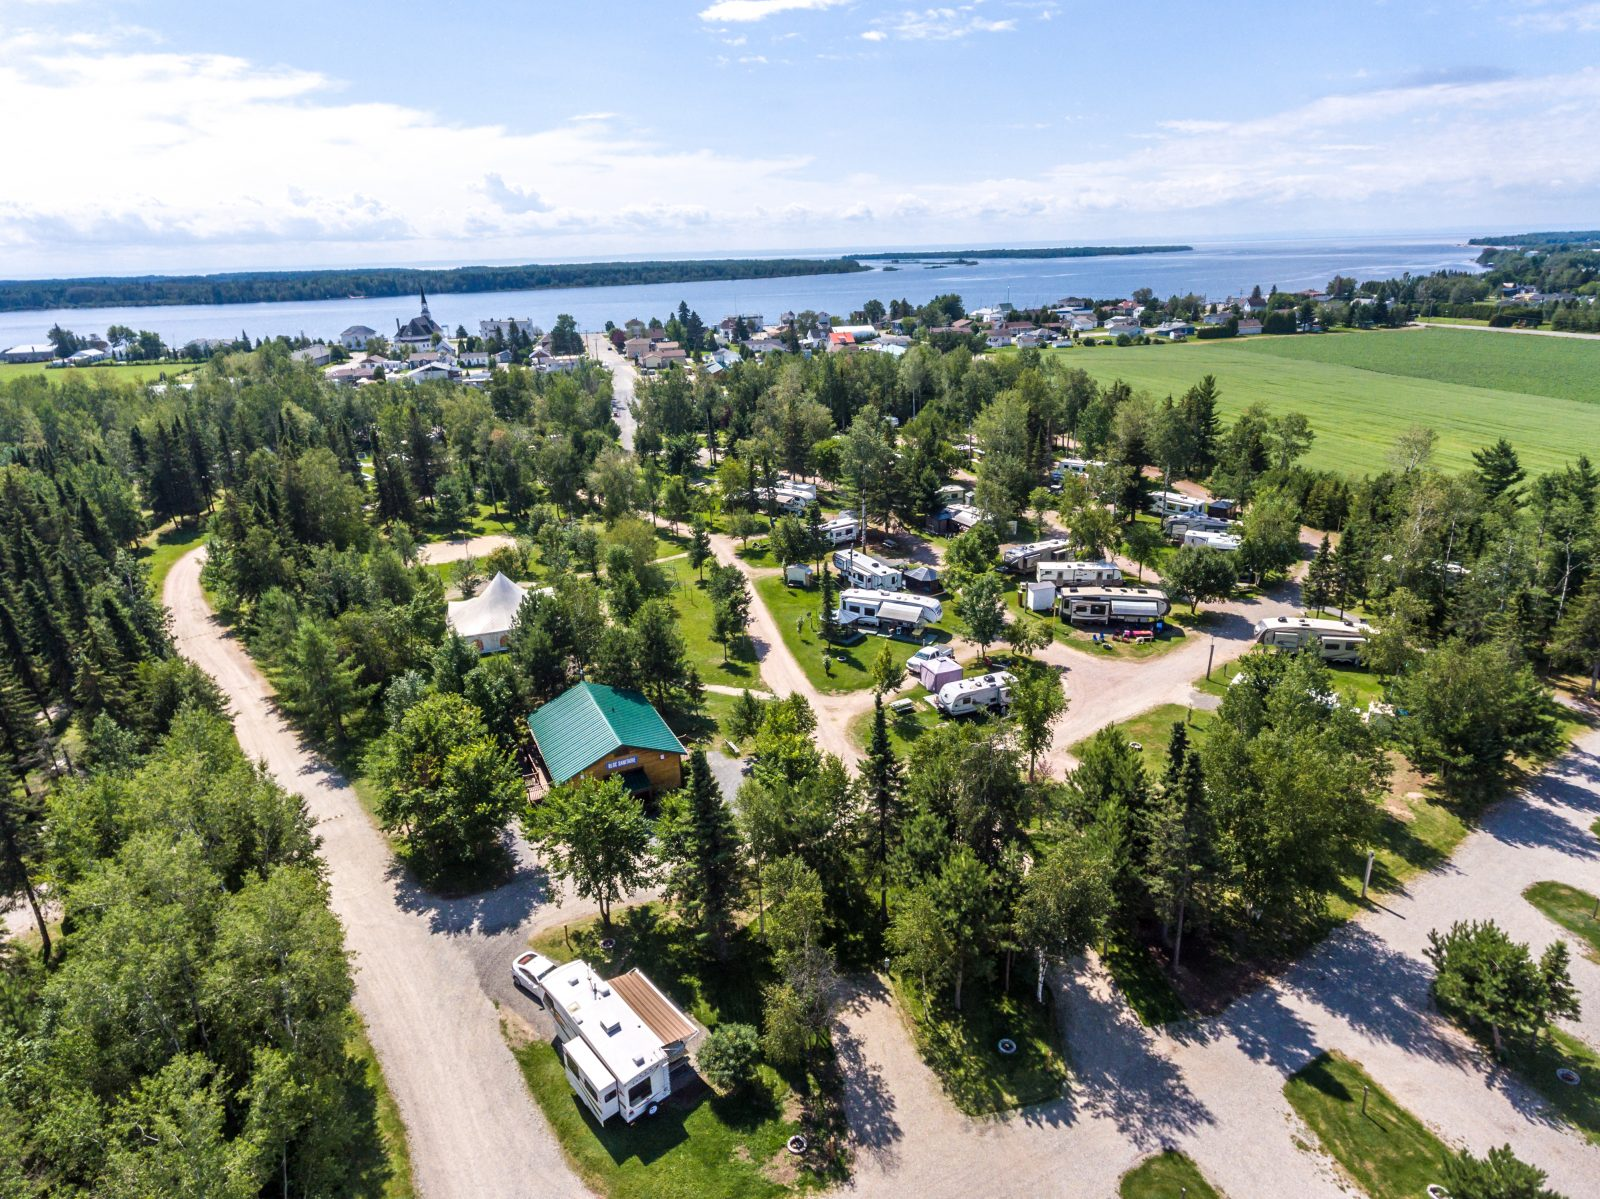 Péribonka et Chutes à l'Ours : les deux campings profitent du bel été